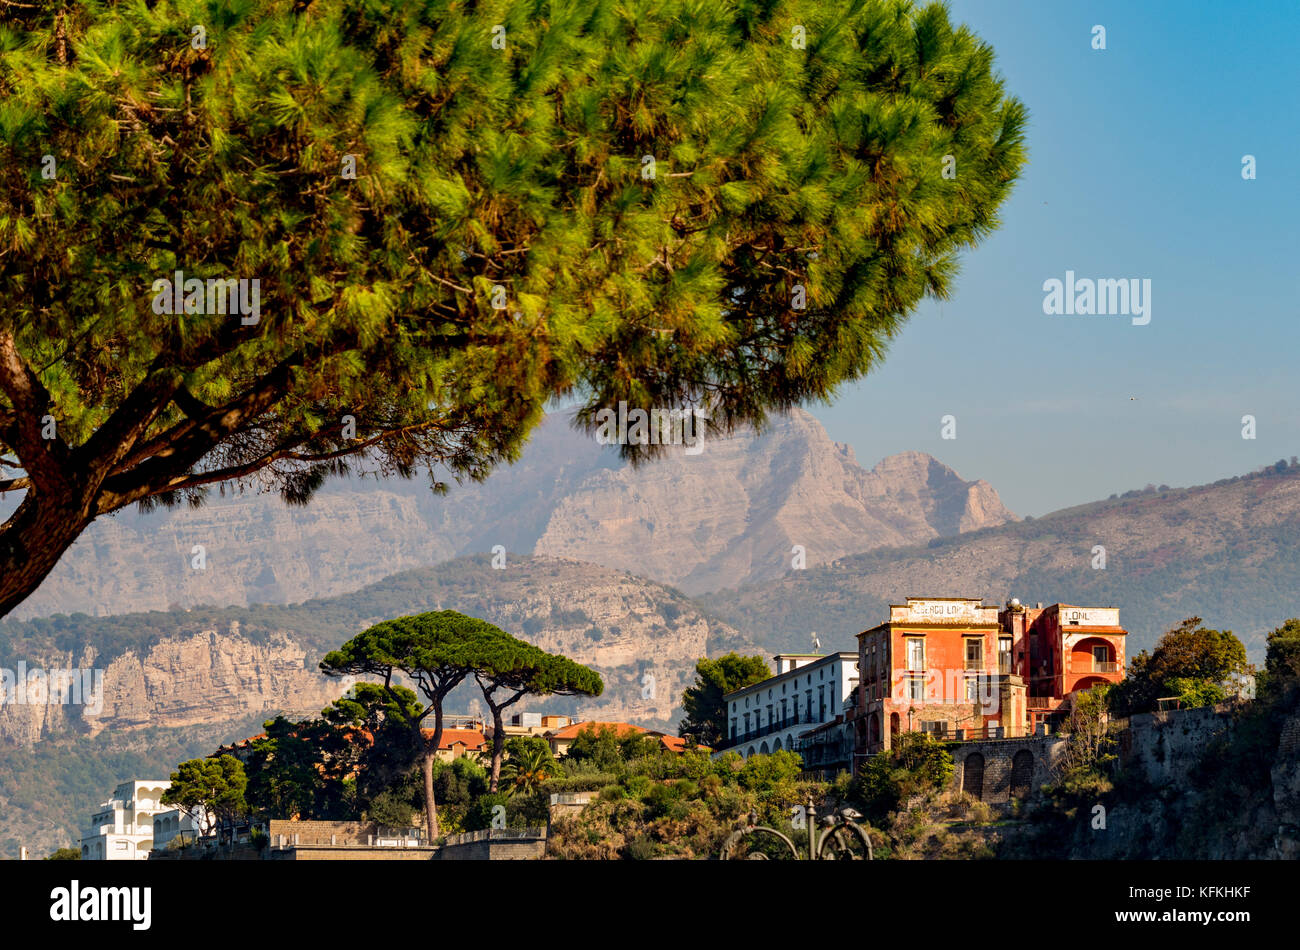 Stein Pinien und Hotels auf der Spitze einer Klippe Küste von Sorrento, mit Bergen in der Ferne. Sorrento. Stockbild